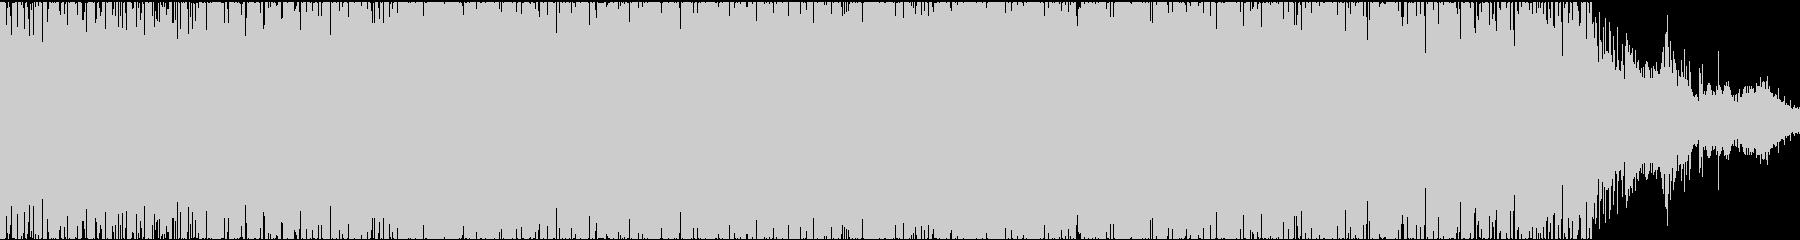 電子楽器。渦巻く催眠効果のある風変...の未再生の波形